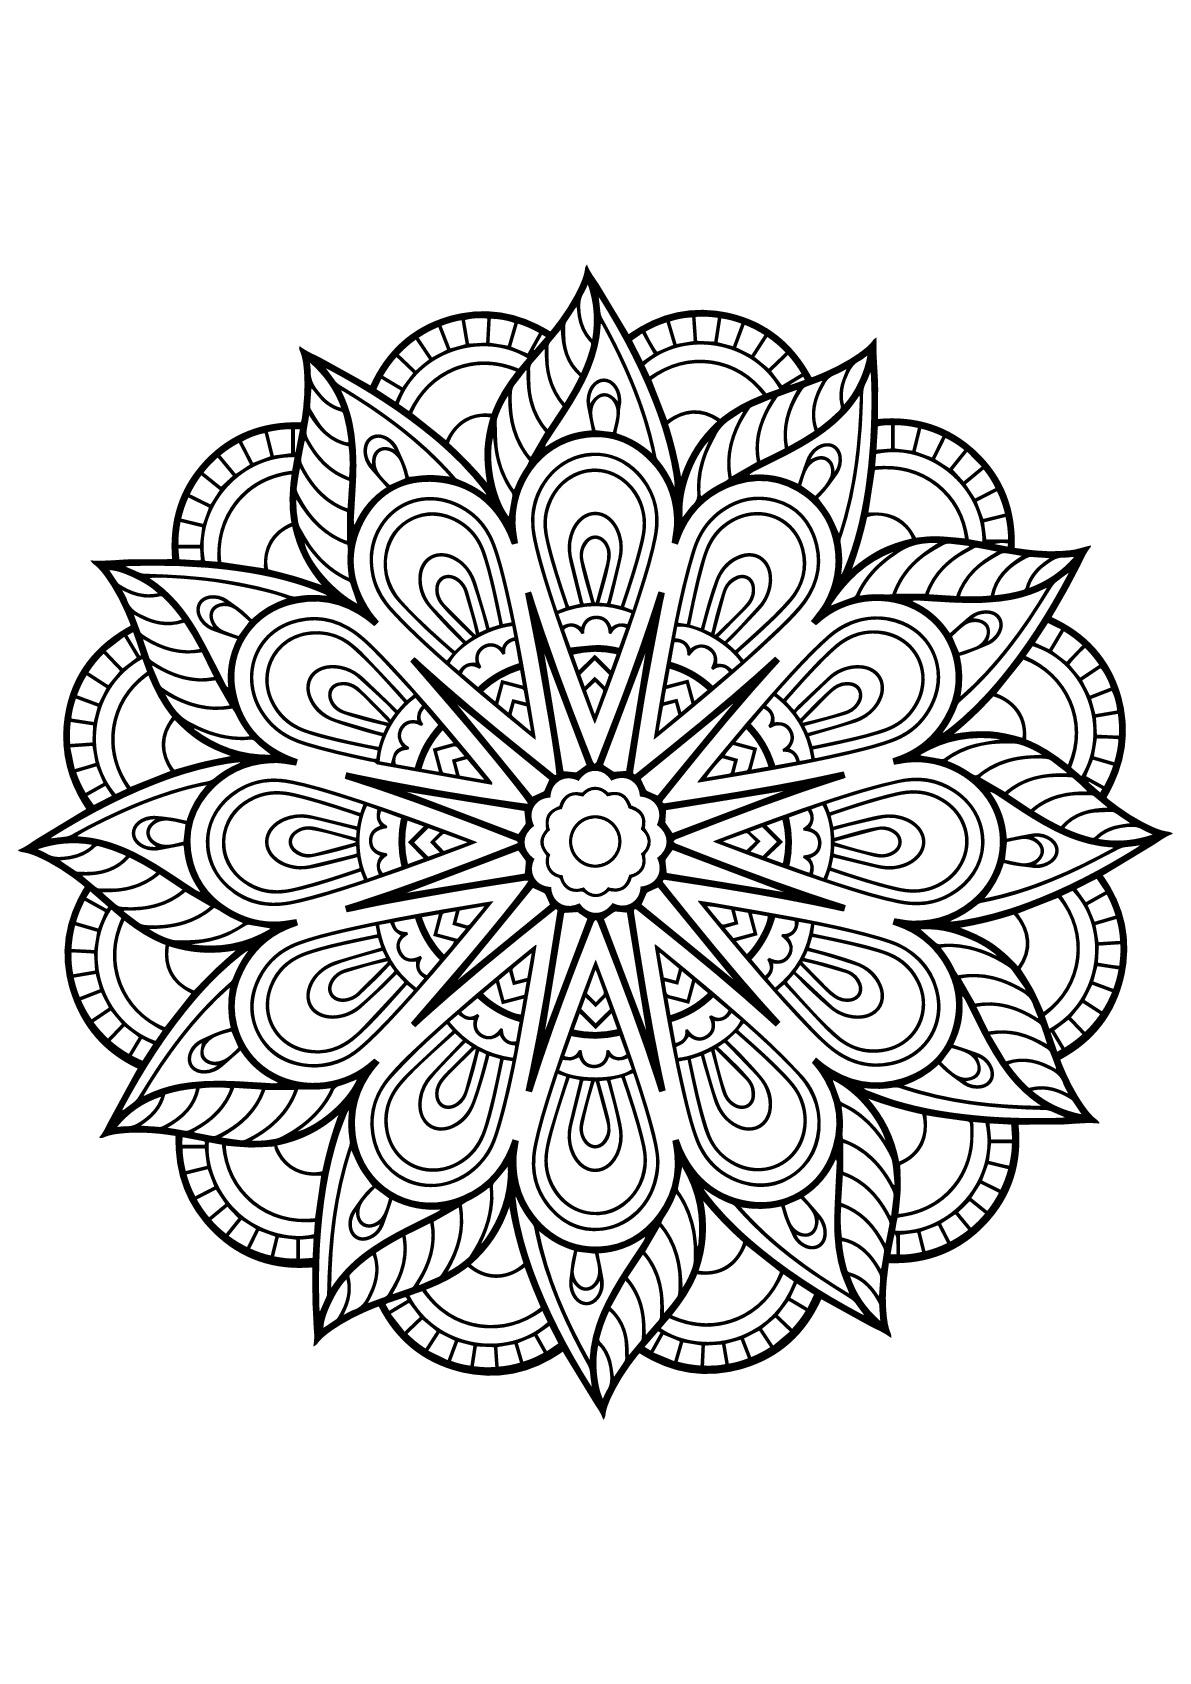 Mandala livre gratuit 1 Mandalas